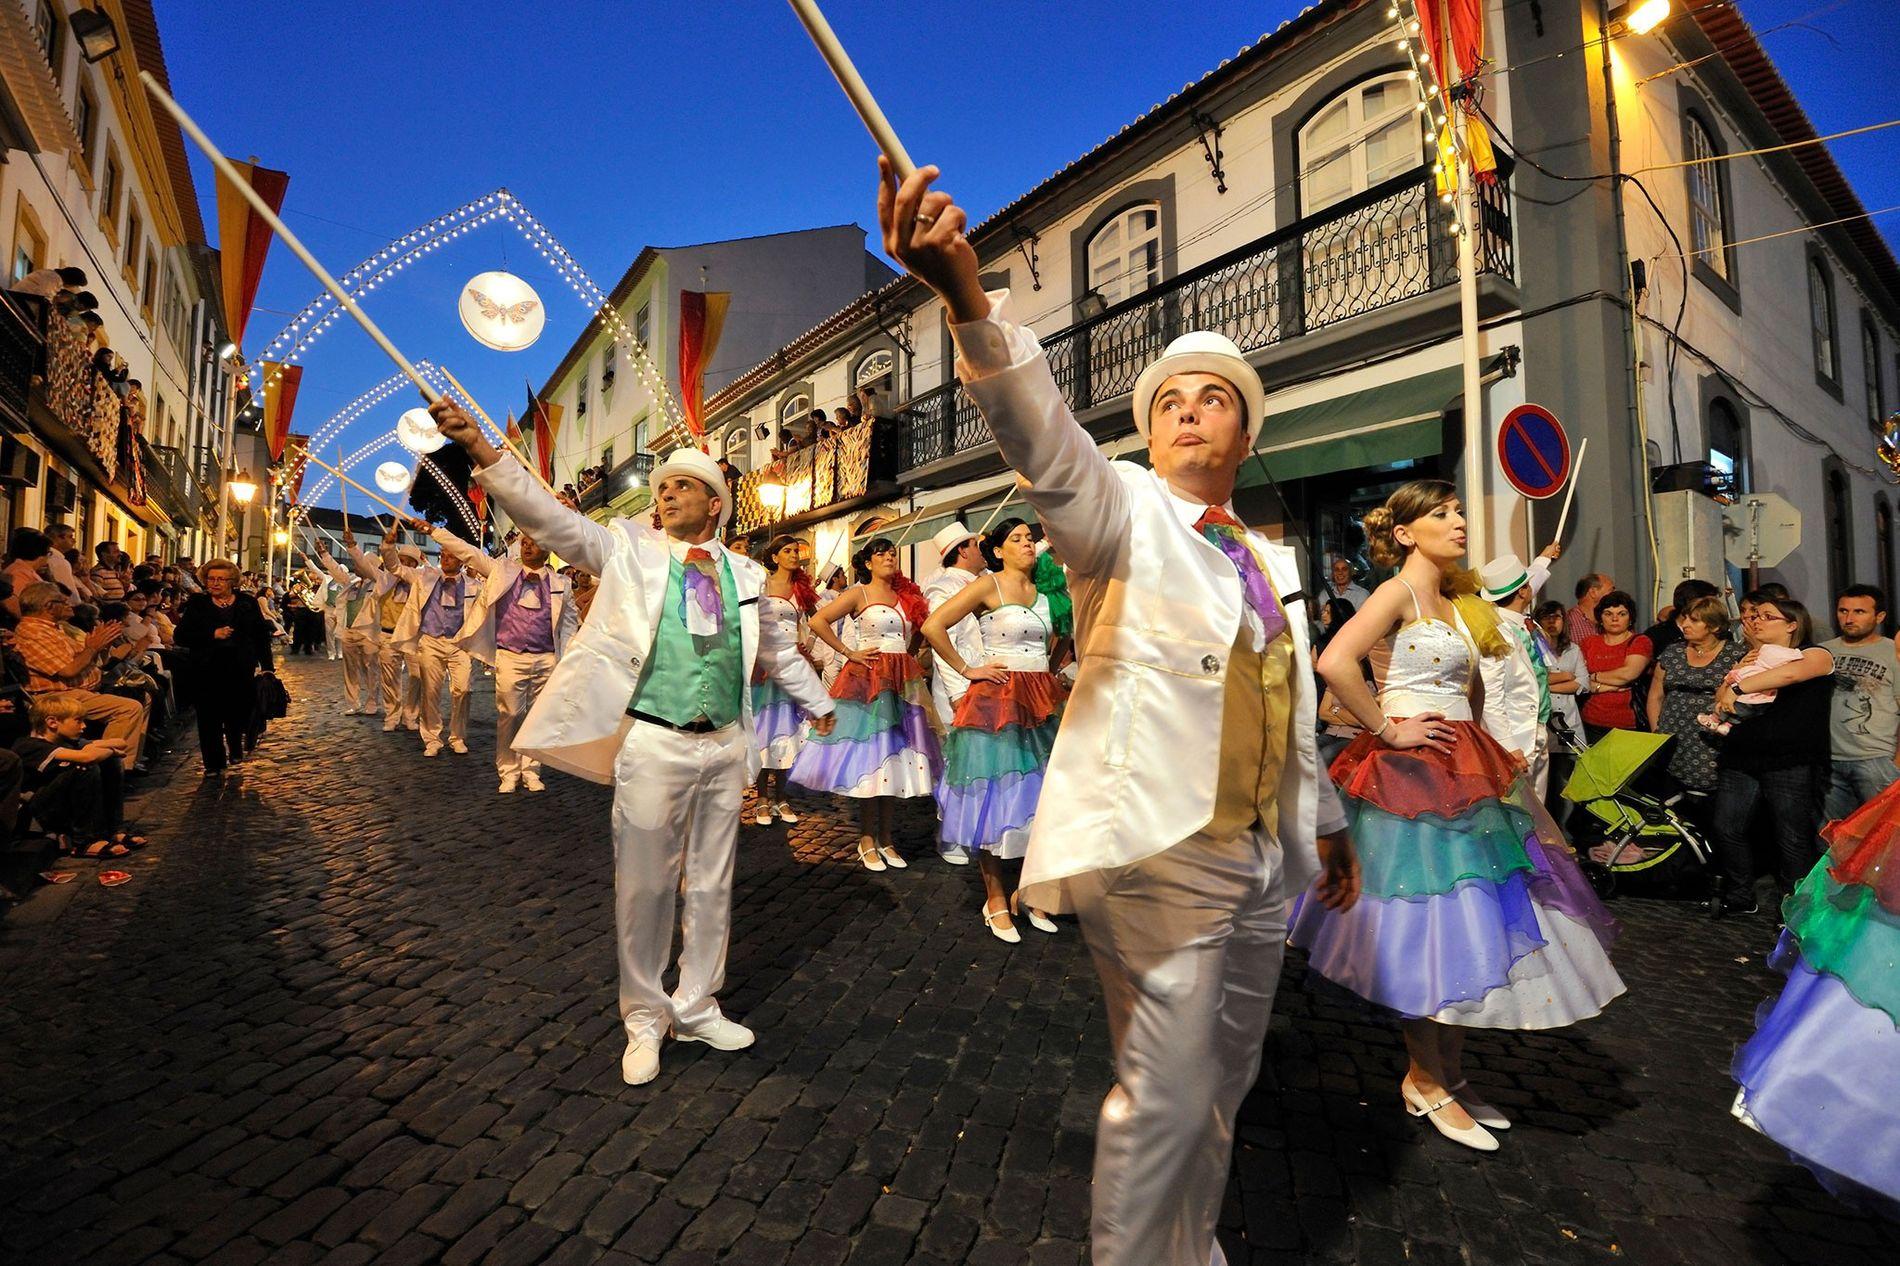 Festival, Terceira, Azores, Portugal